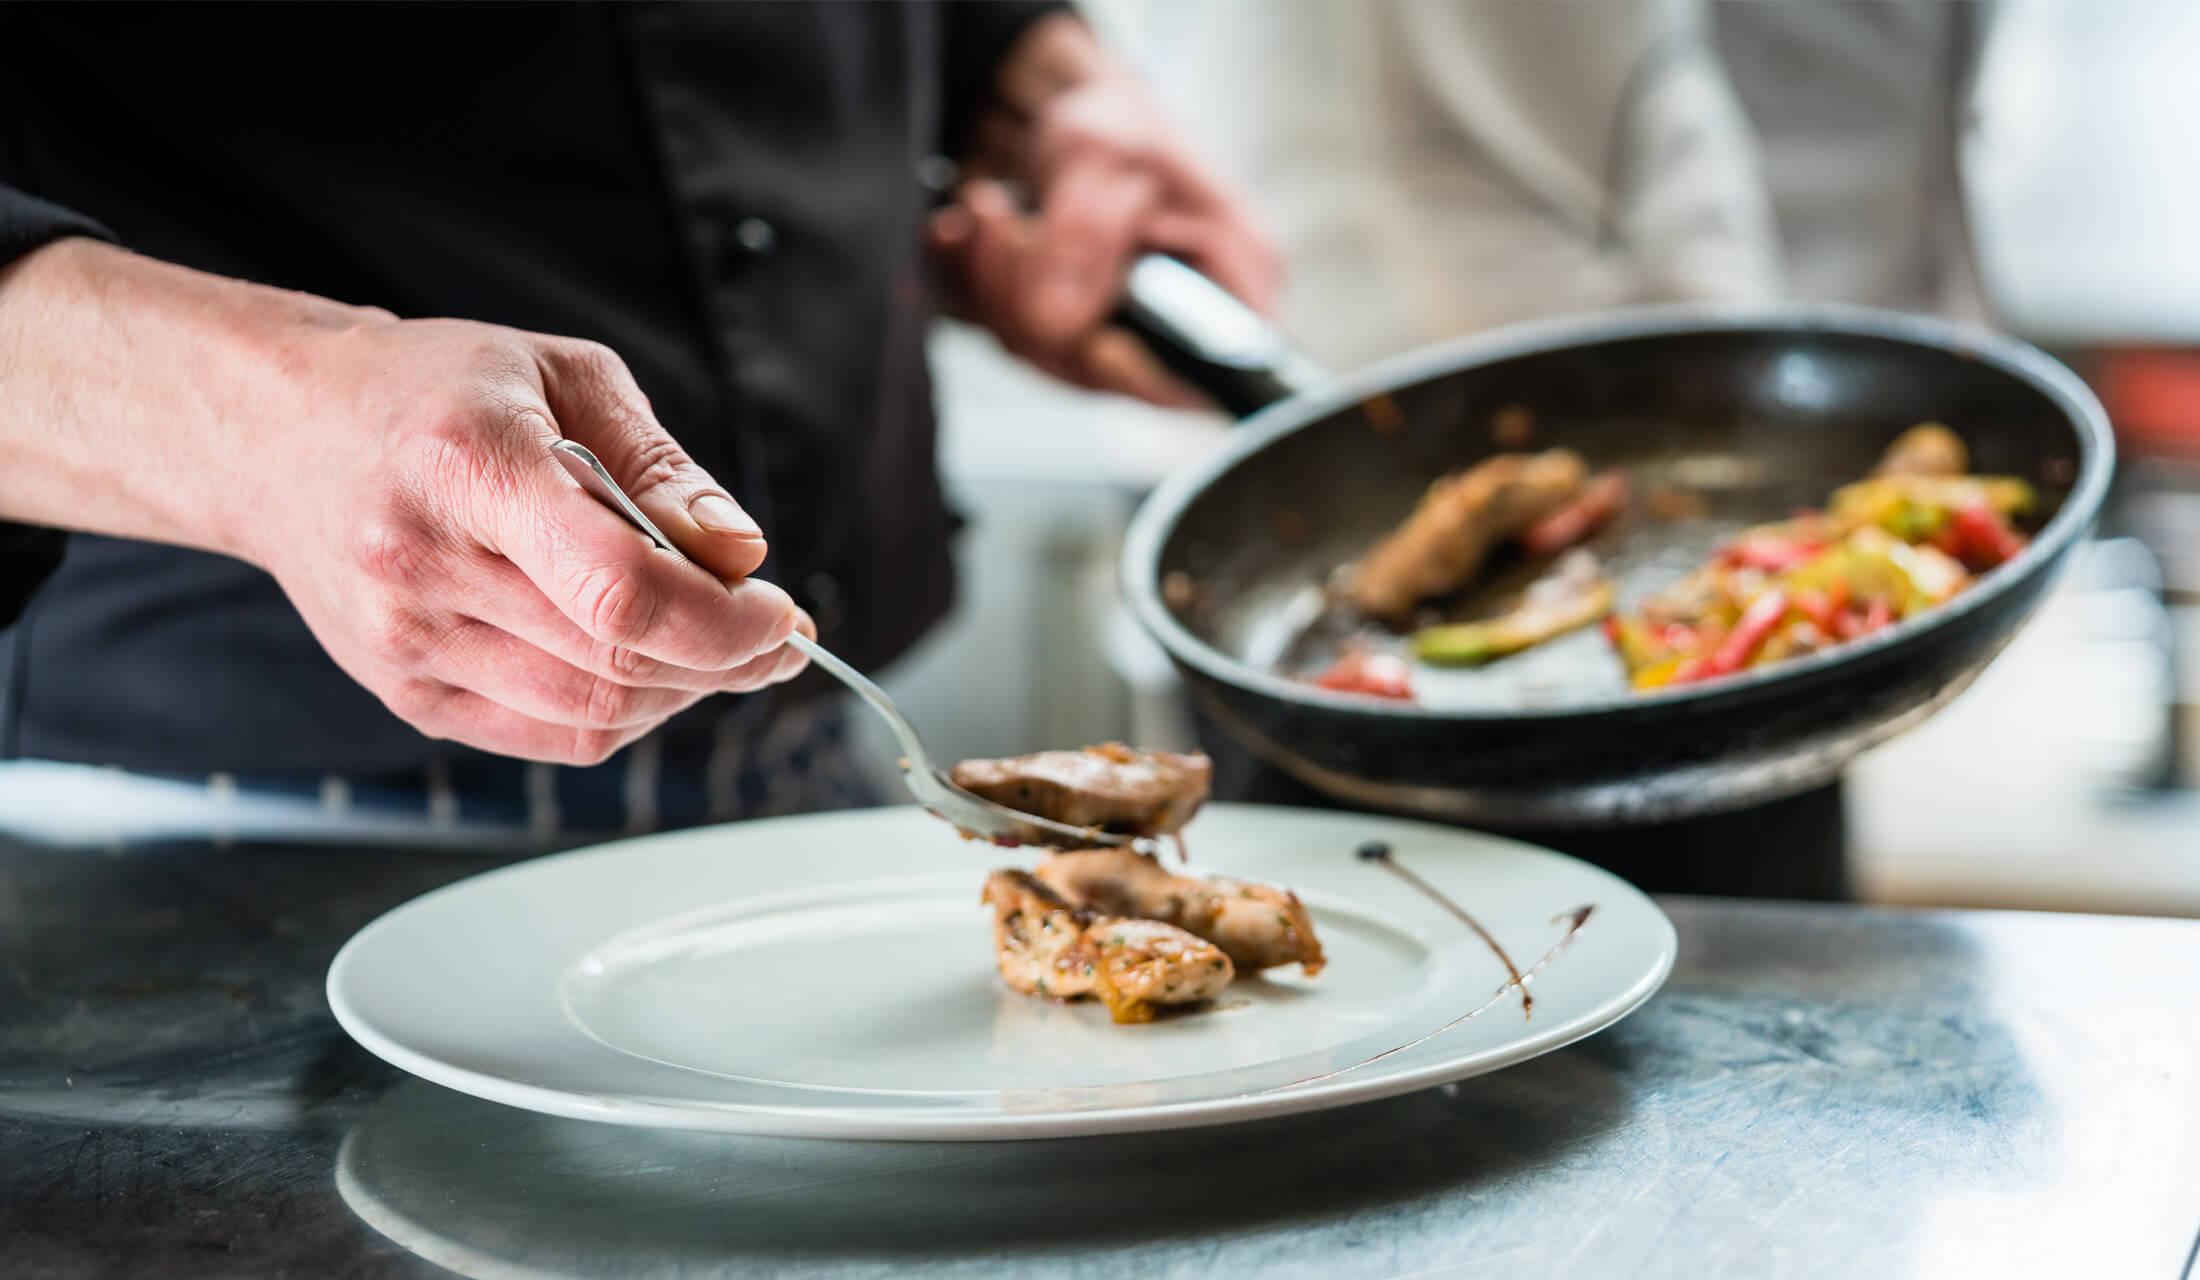 黒いコックコートを着たシェフが調理した肉の料理をフライパンからお皿へ盛り付けている